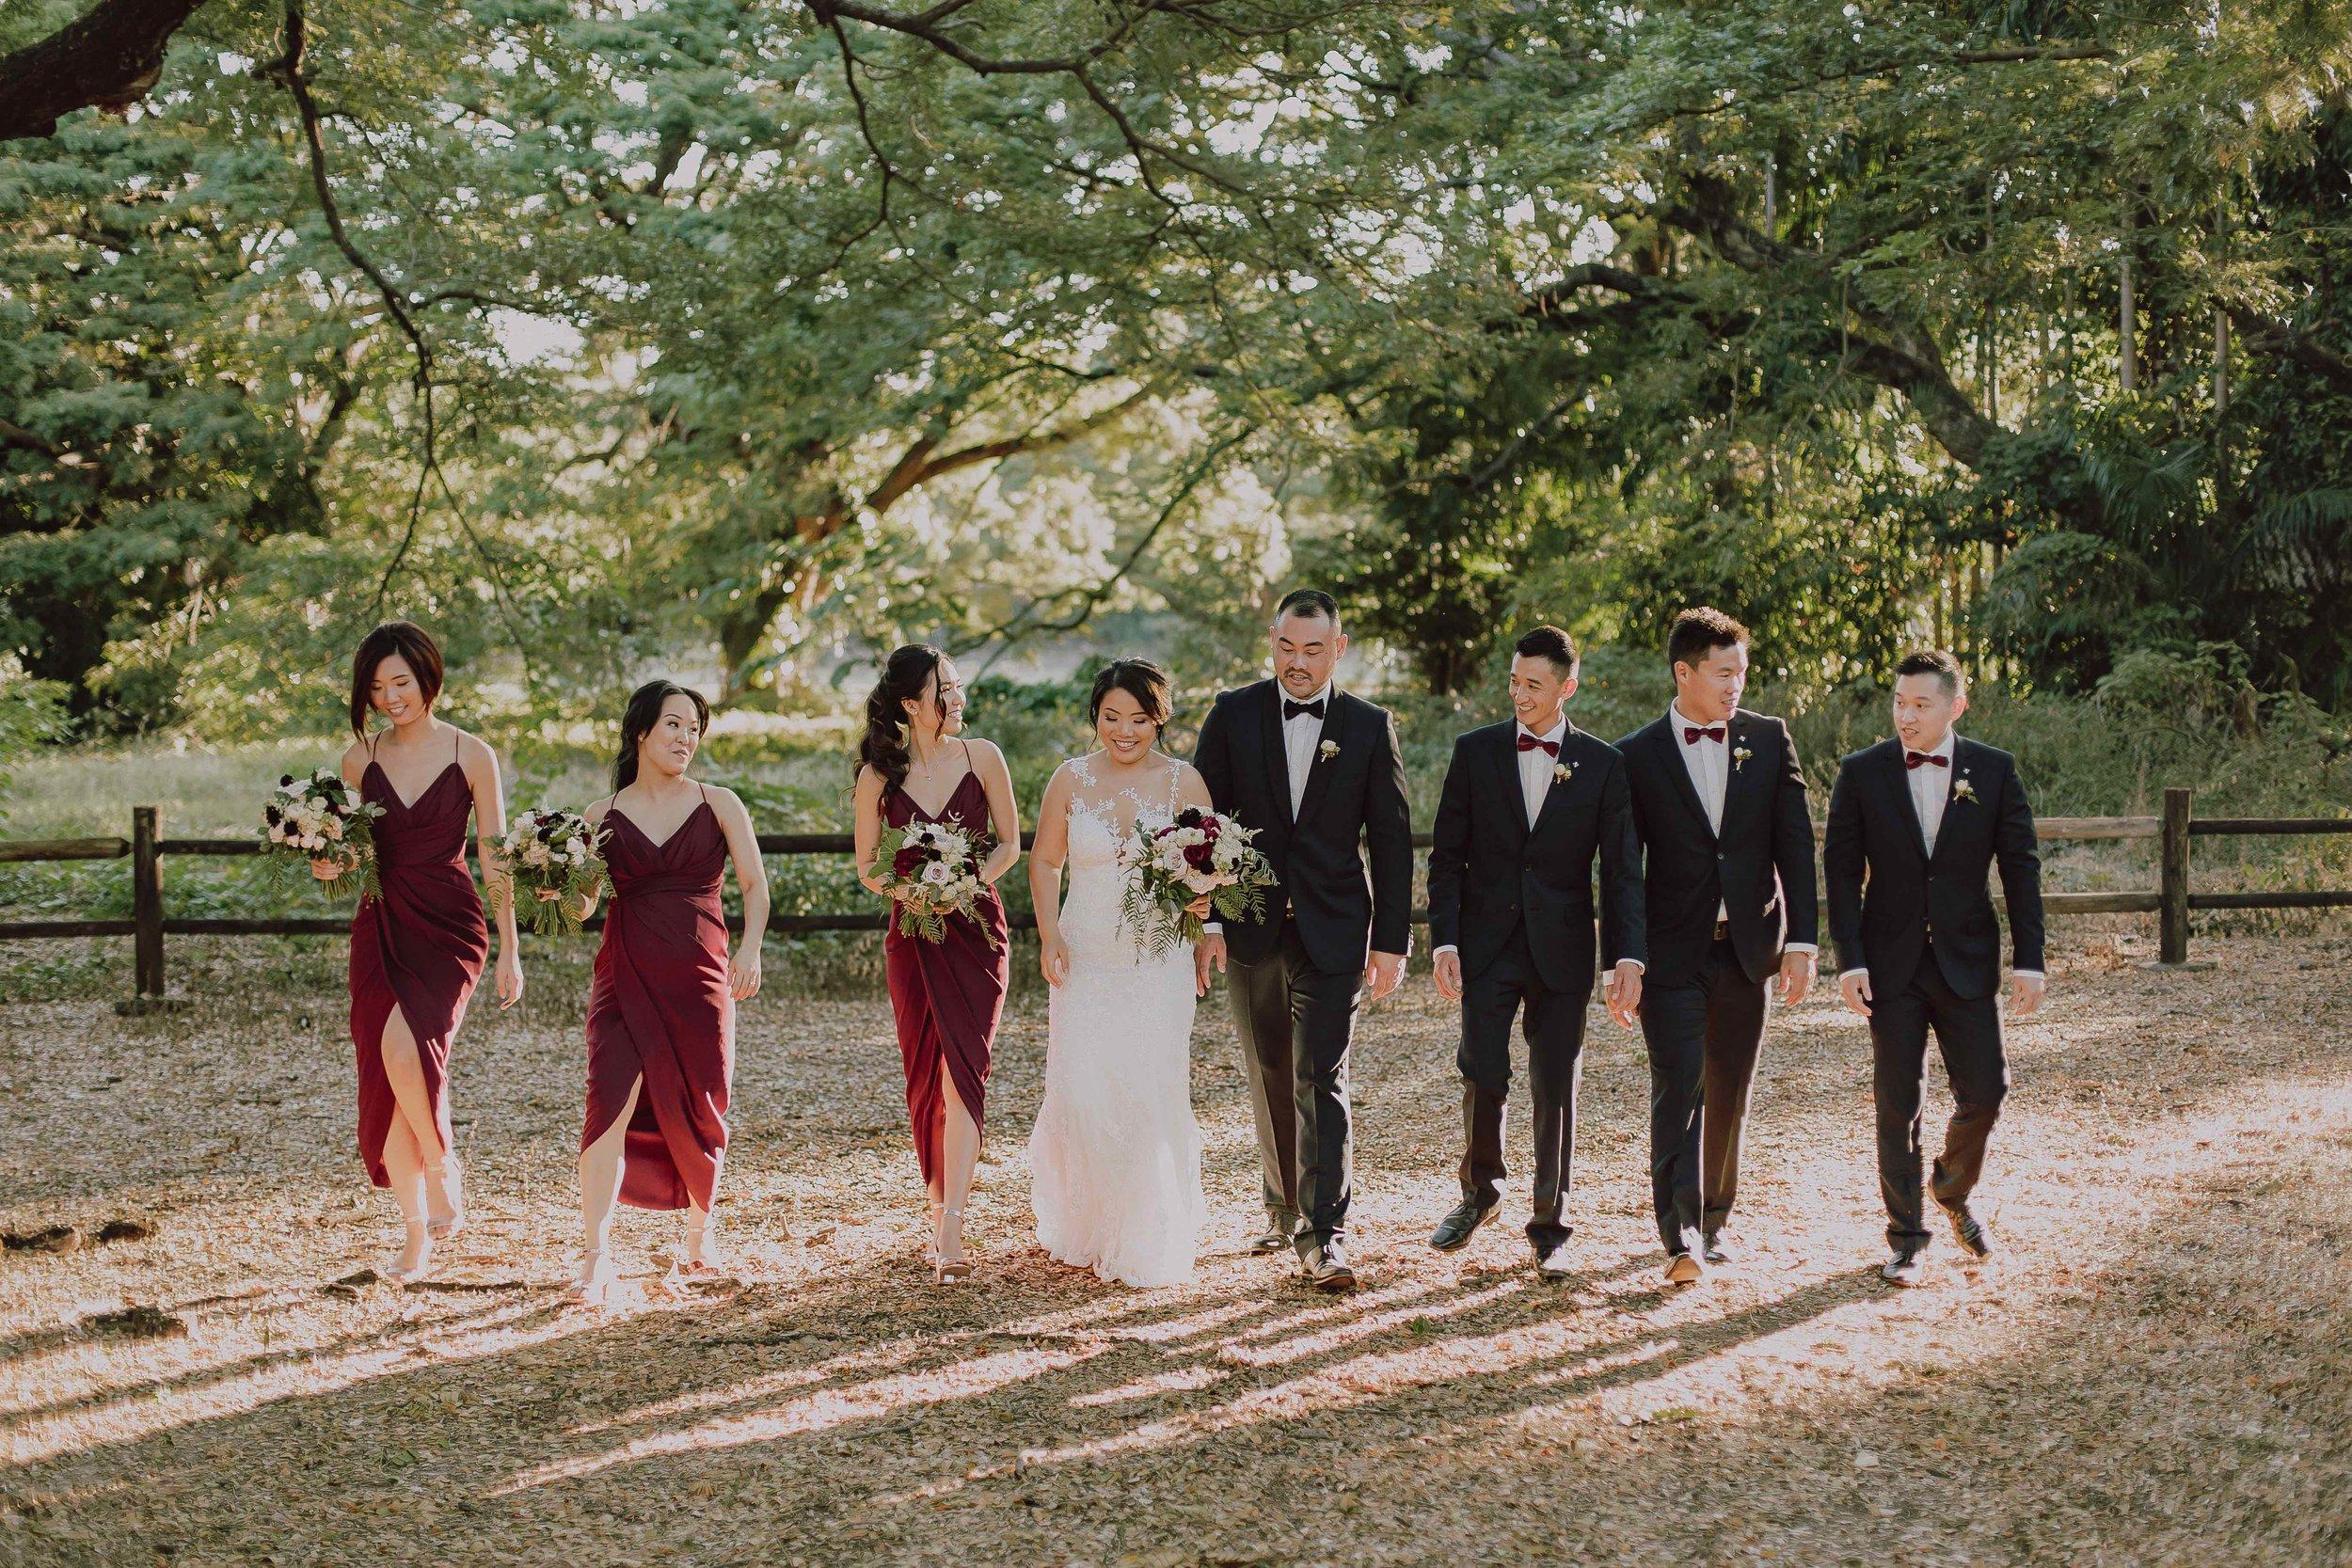 Wedding party in burgundy at Darwin Botanic Gardens